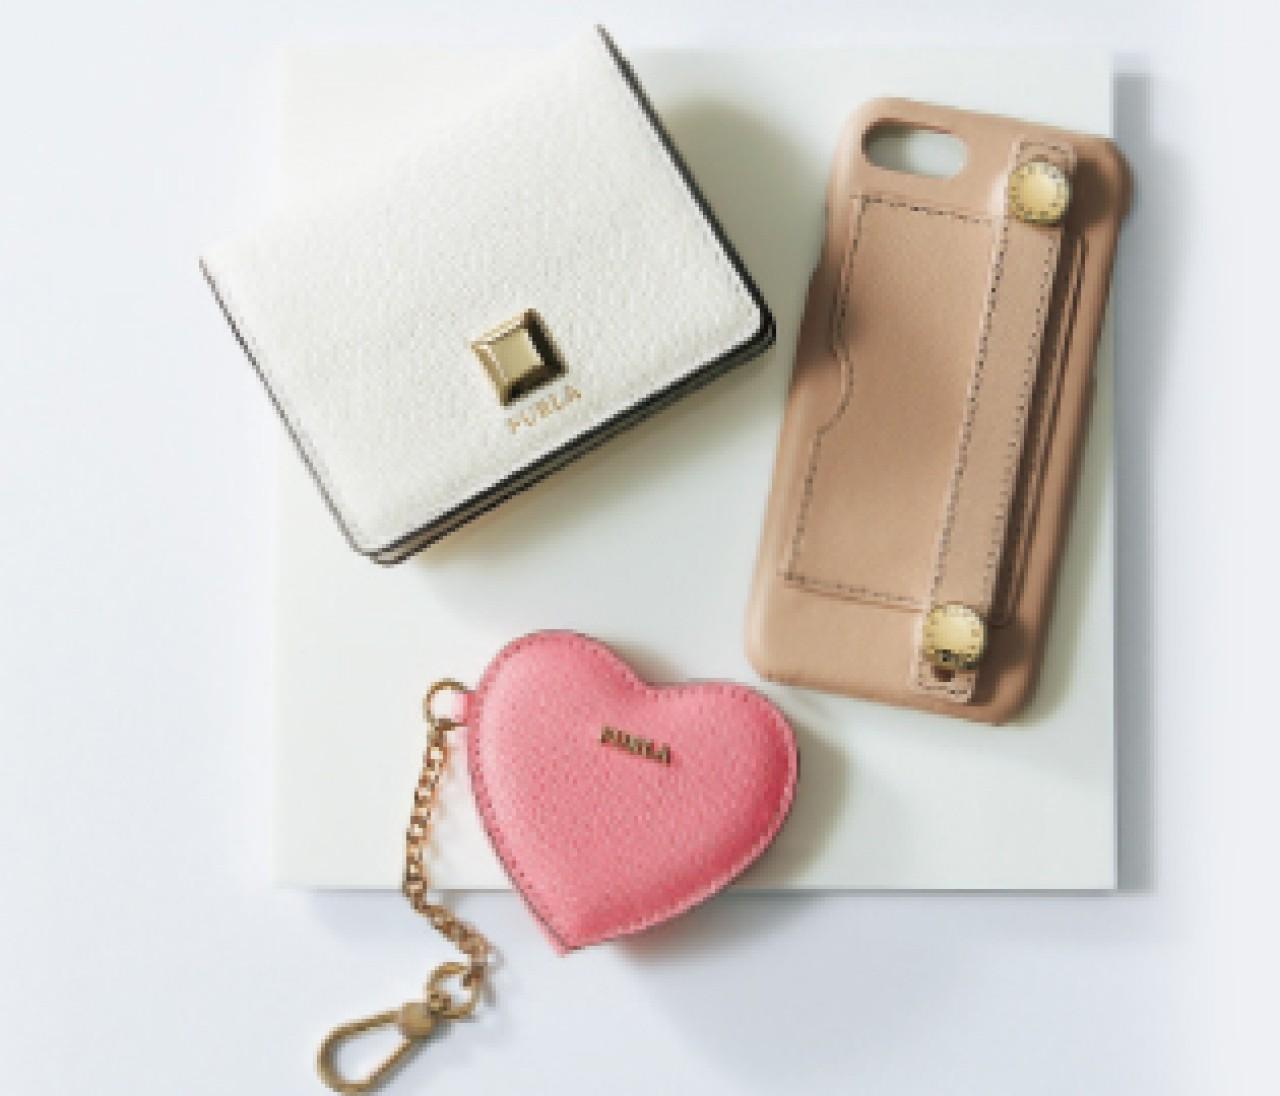 【FURLA】ピンクやベージュ、バッグの中を甘色でまとめて!スモールレザーグッズ⑨